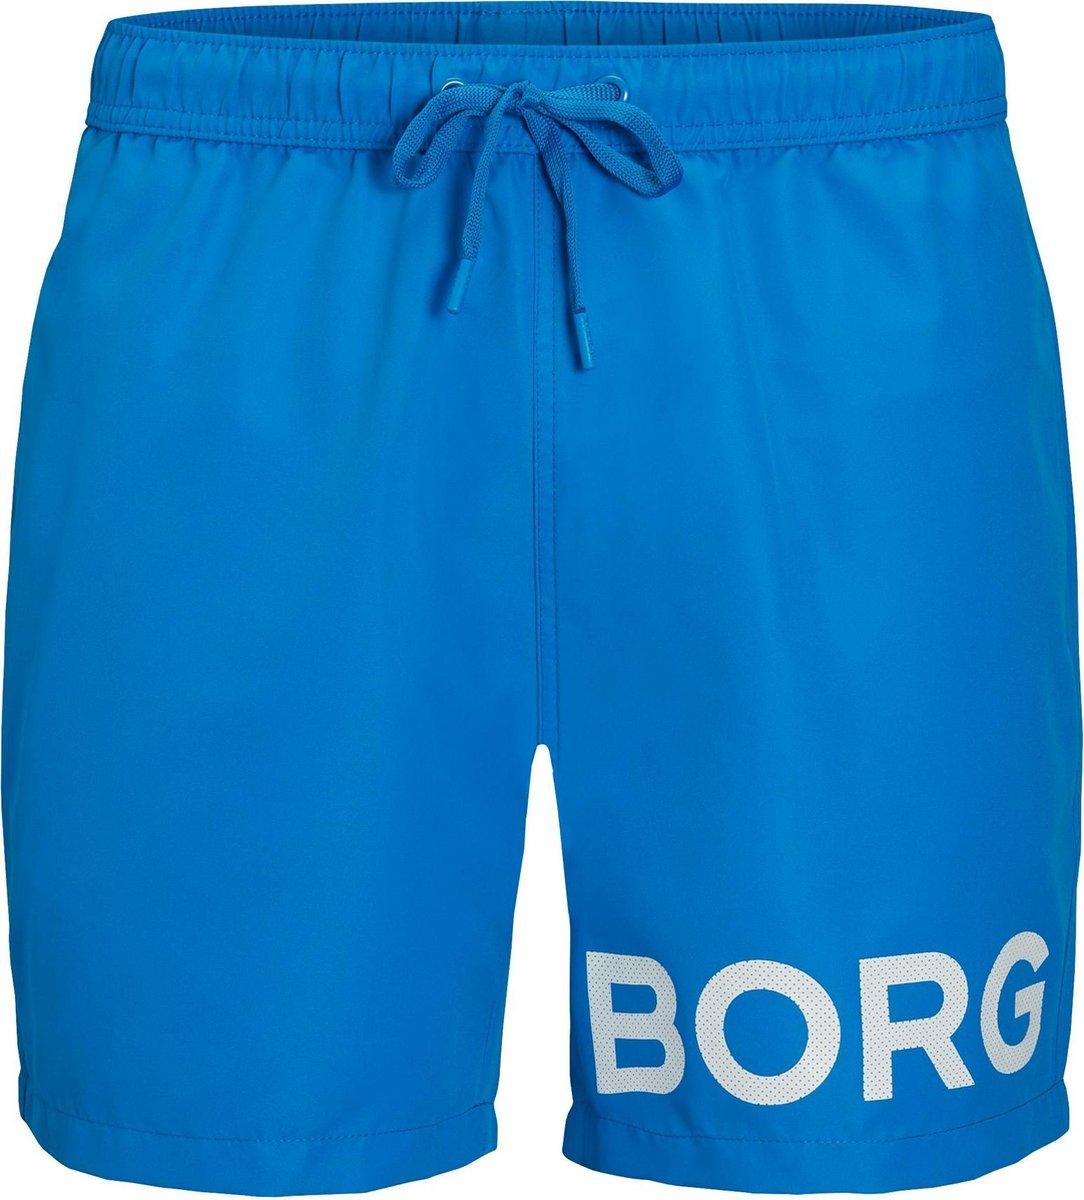 Bjorn Borg Zwembroek - Maat 158/164  - Jongens - blauw/wit